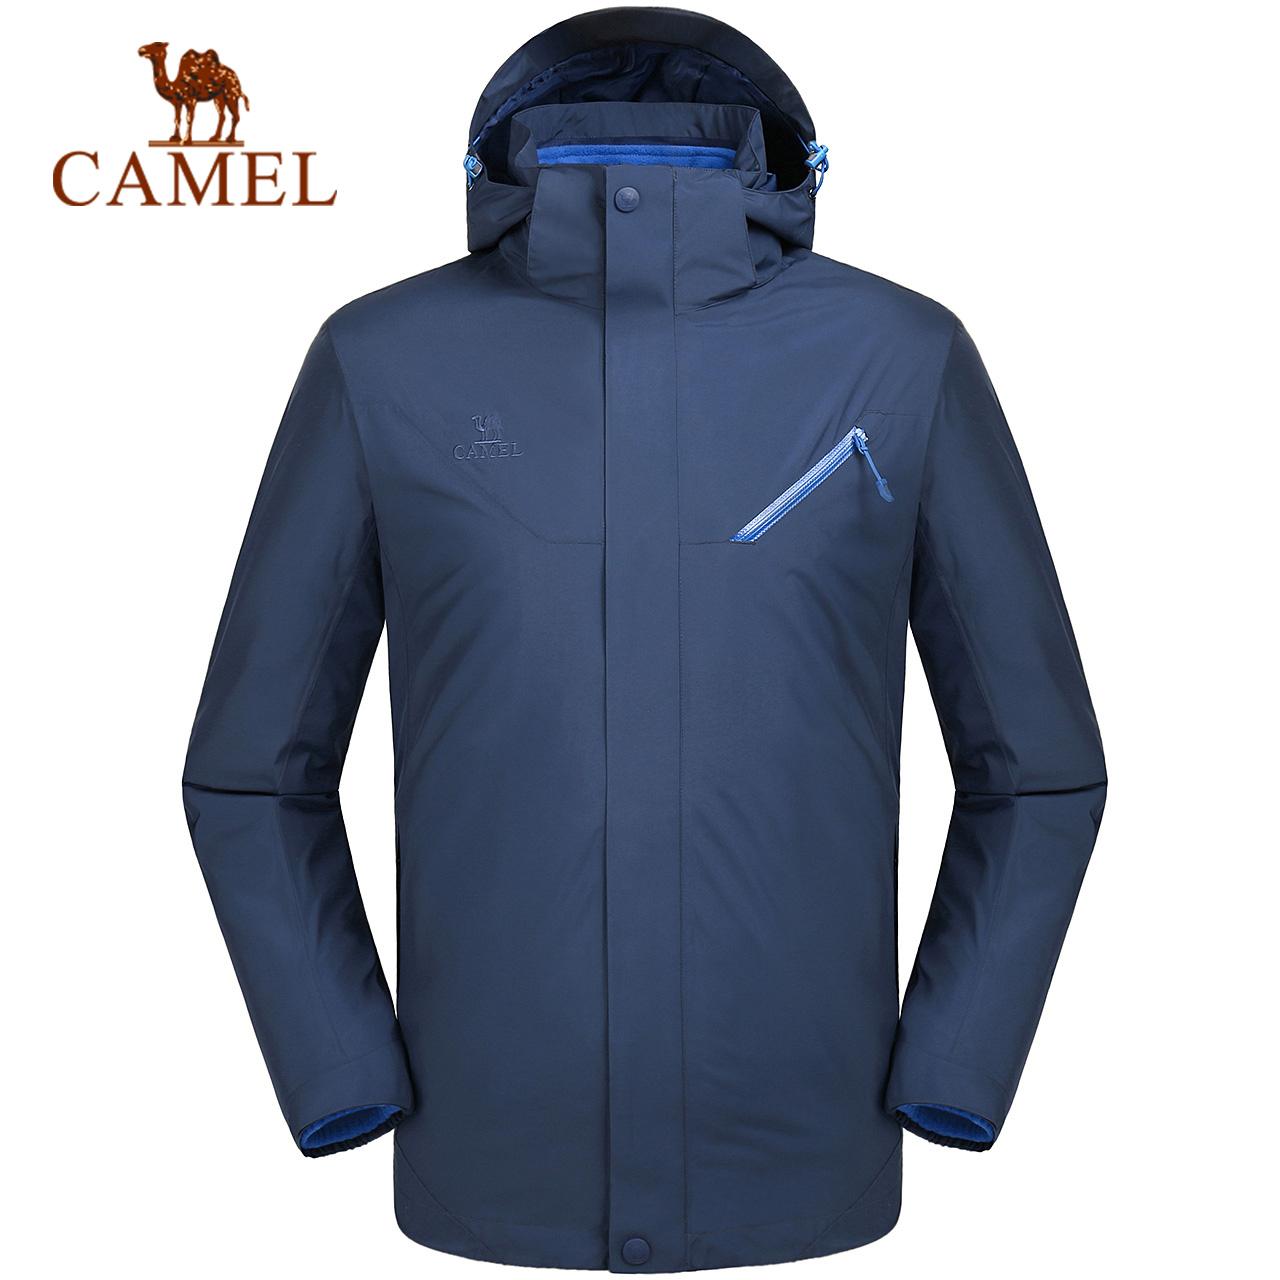 【东丽面料】骆驼户外冲锋衣 男款轻盈蓬松内胆防水保暖登山外套